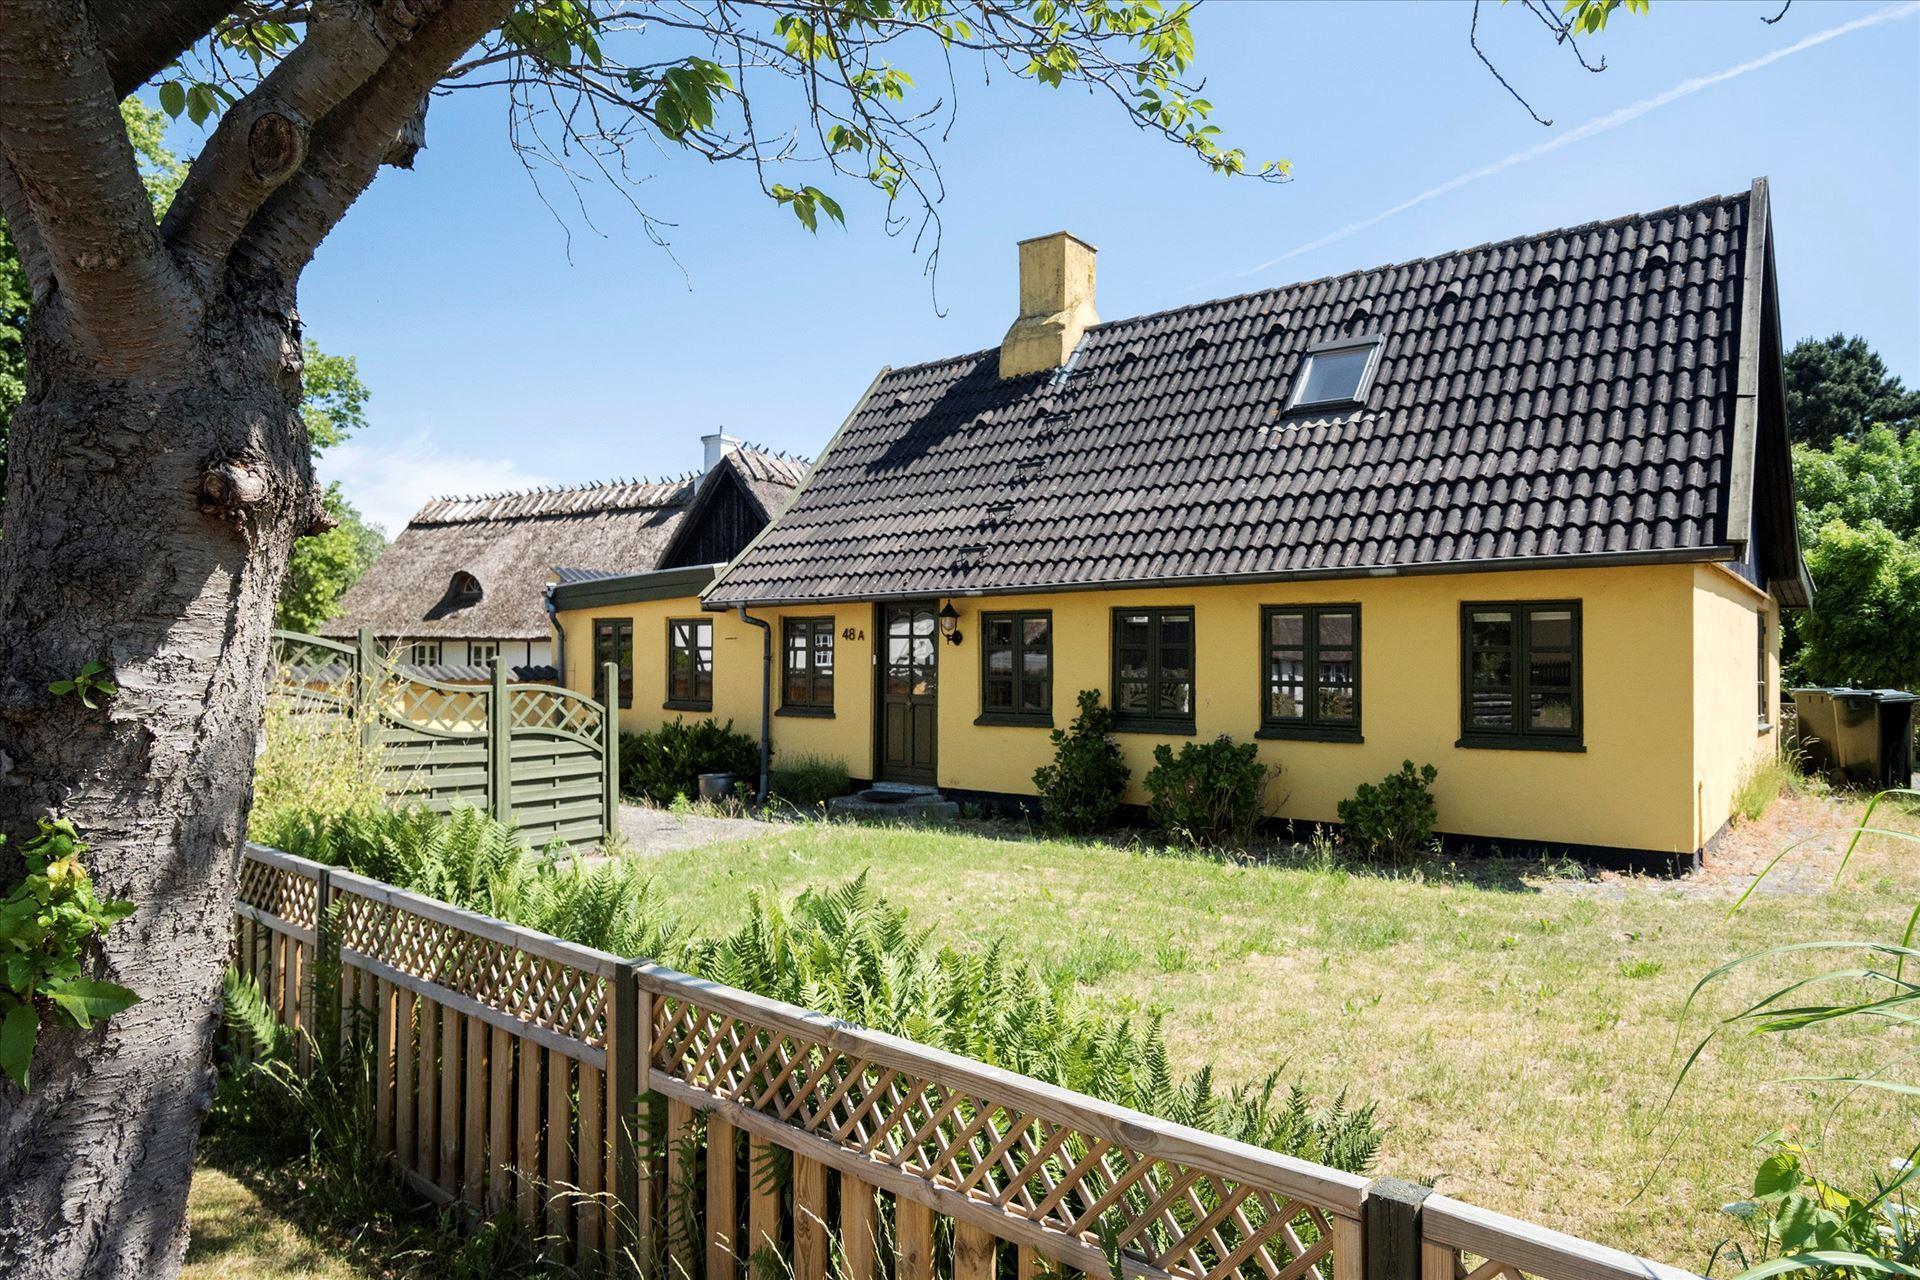 Gevninge Bygade 48A, 4000 Roskilde